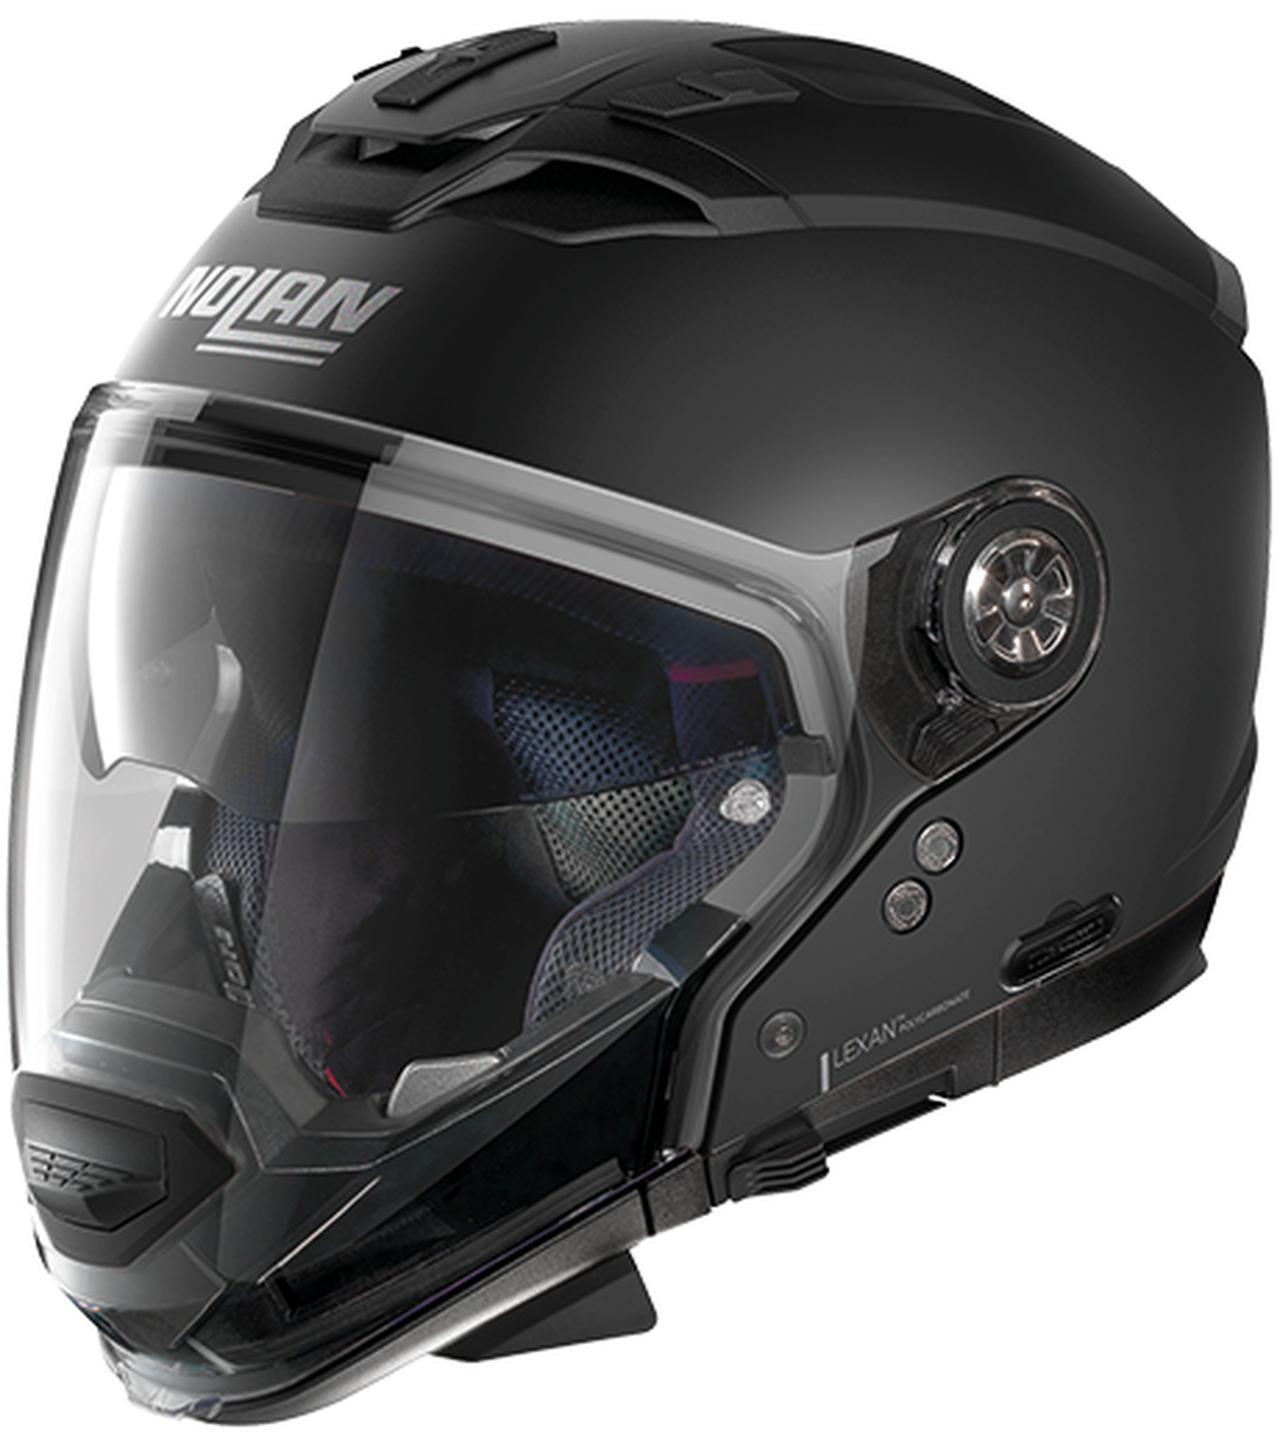 画像2: ジェットタイプにもモトクロススタイルにも変更できるNOLANのクロスオーバーヘルメット「N70-2GT」が新登場!